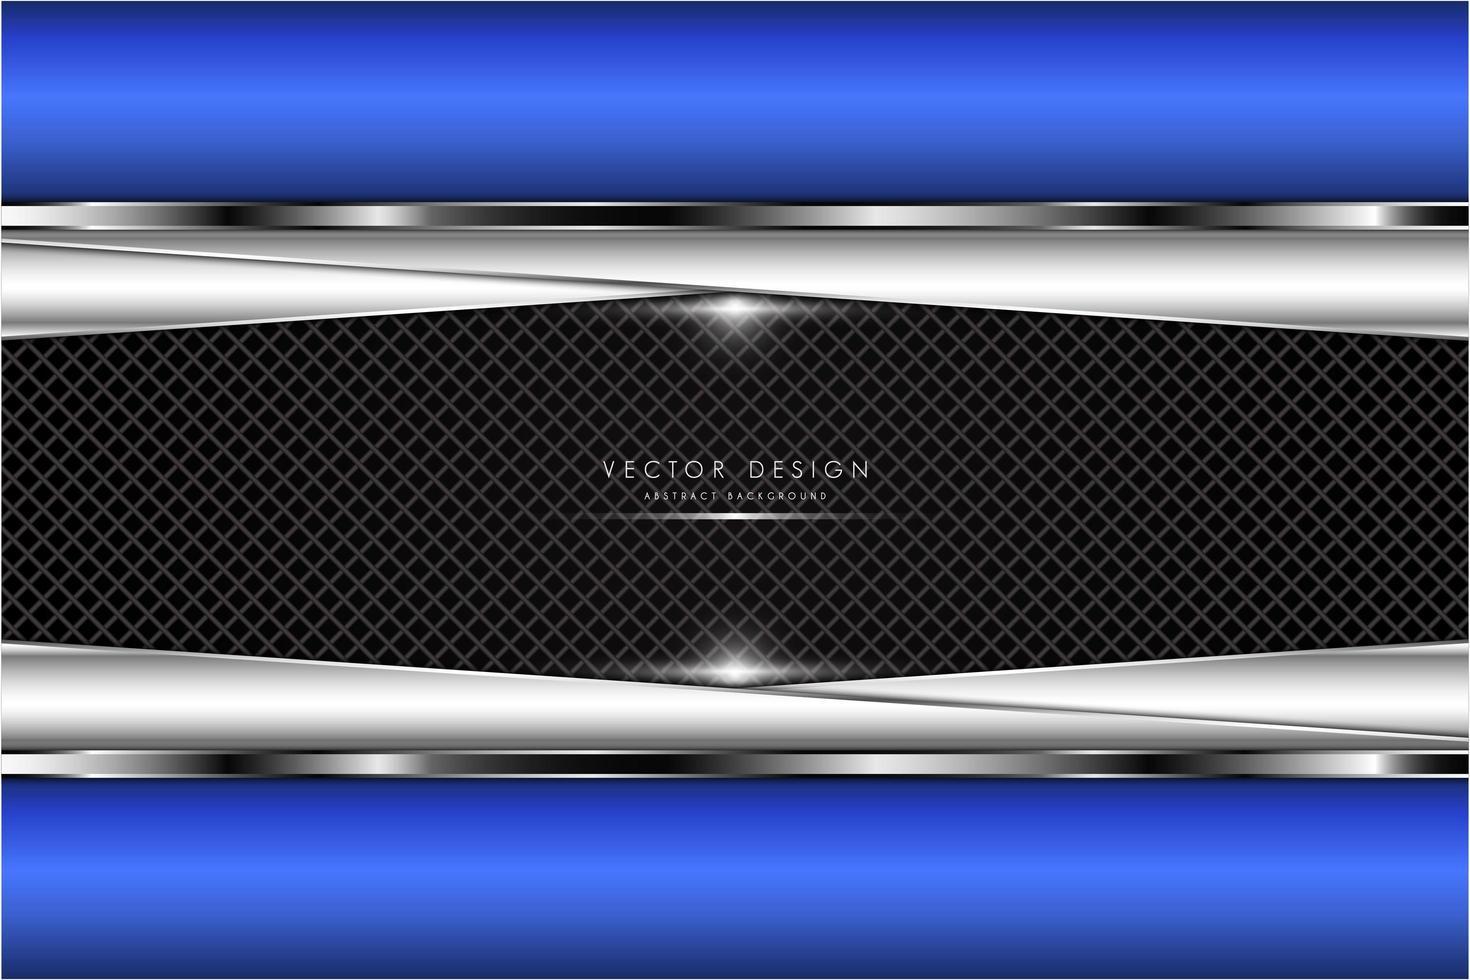 borde azul metálico y placas anguladas plateadas sobre textura de rejilla vector